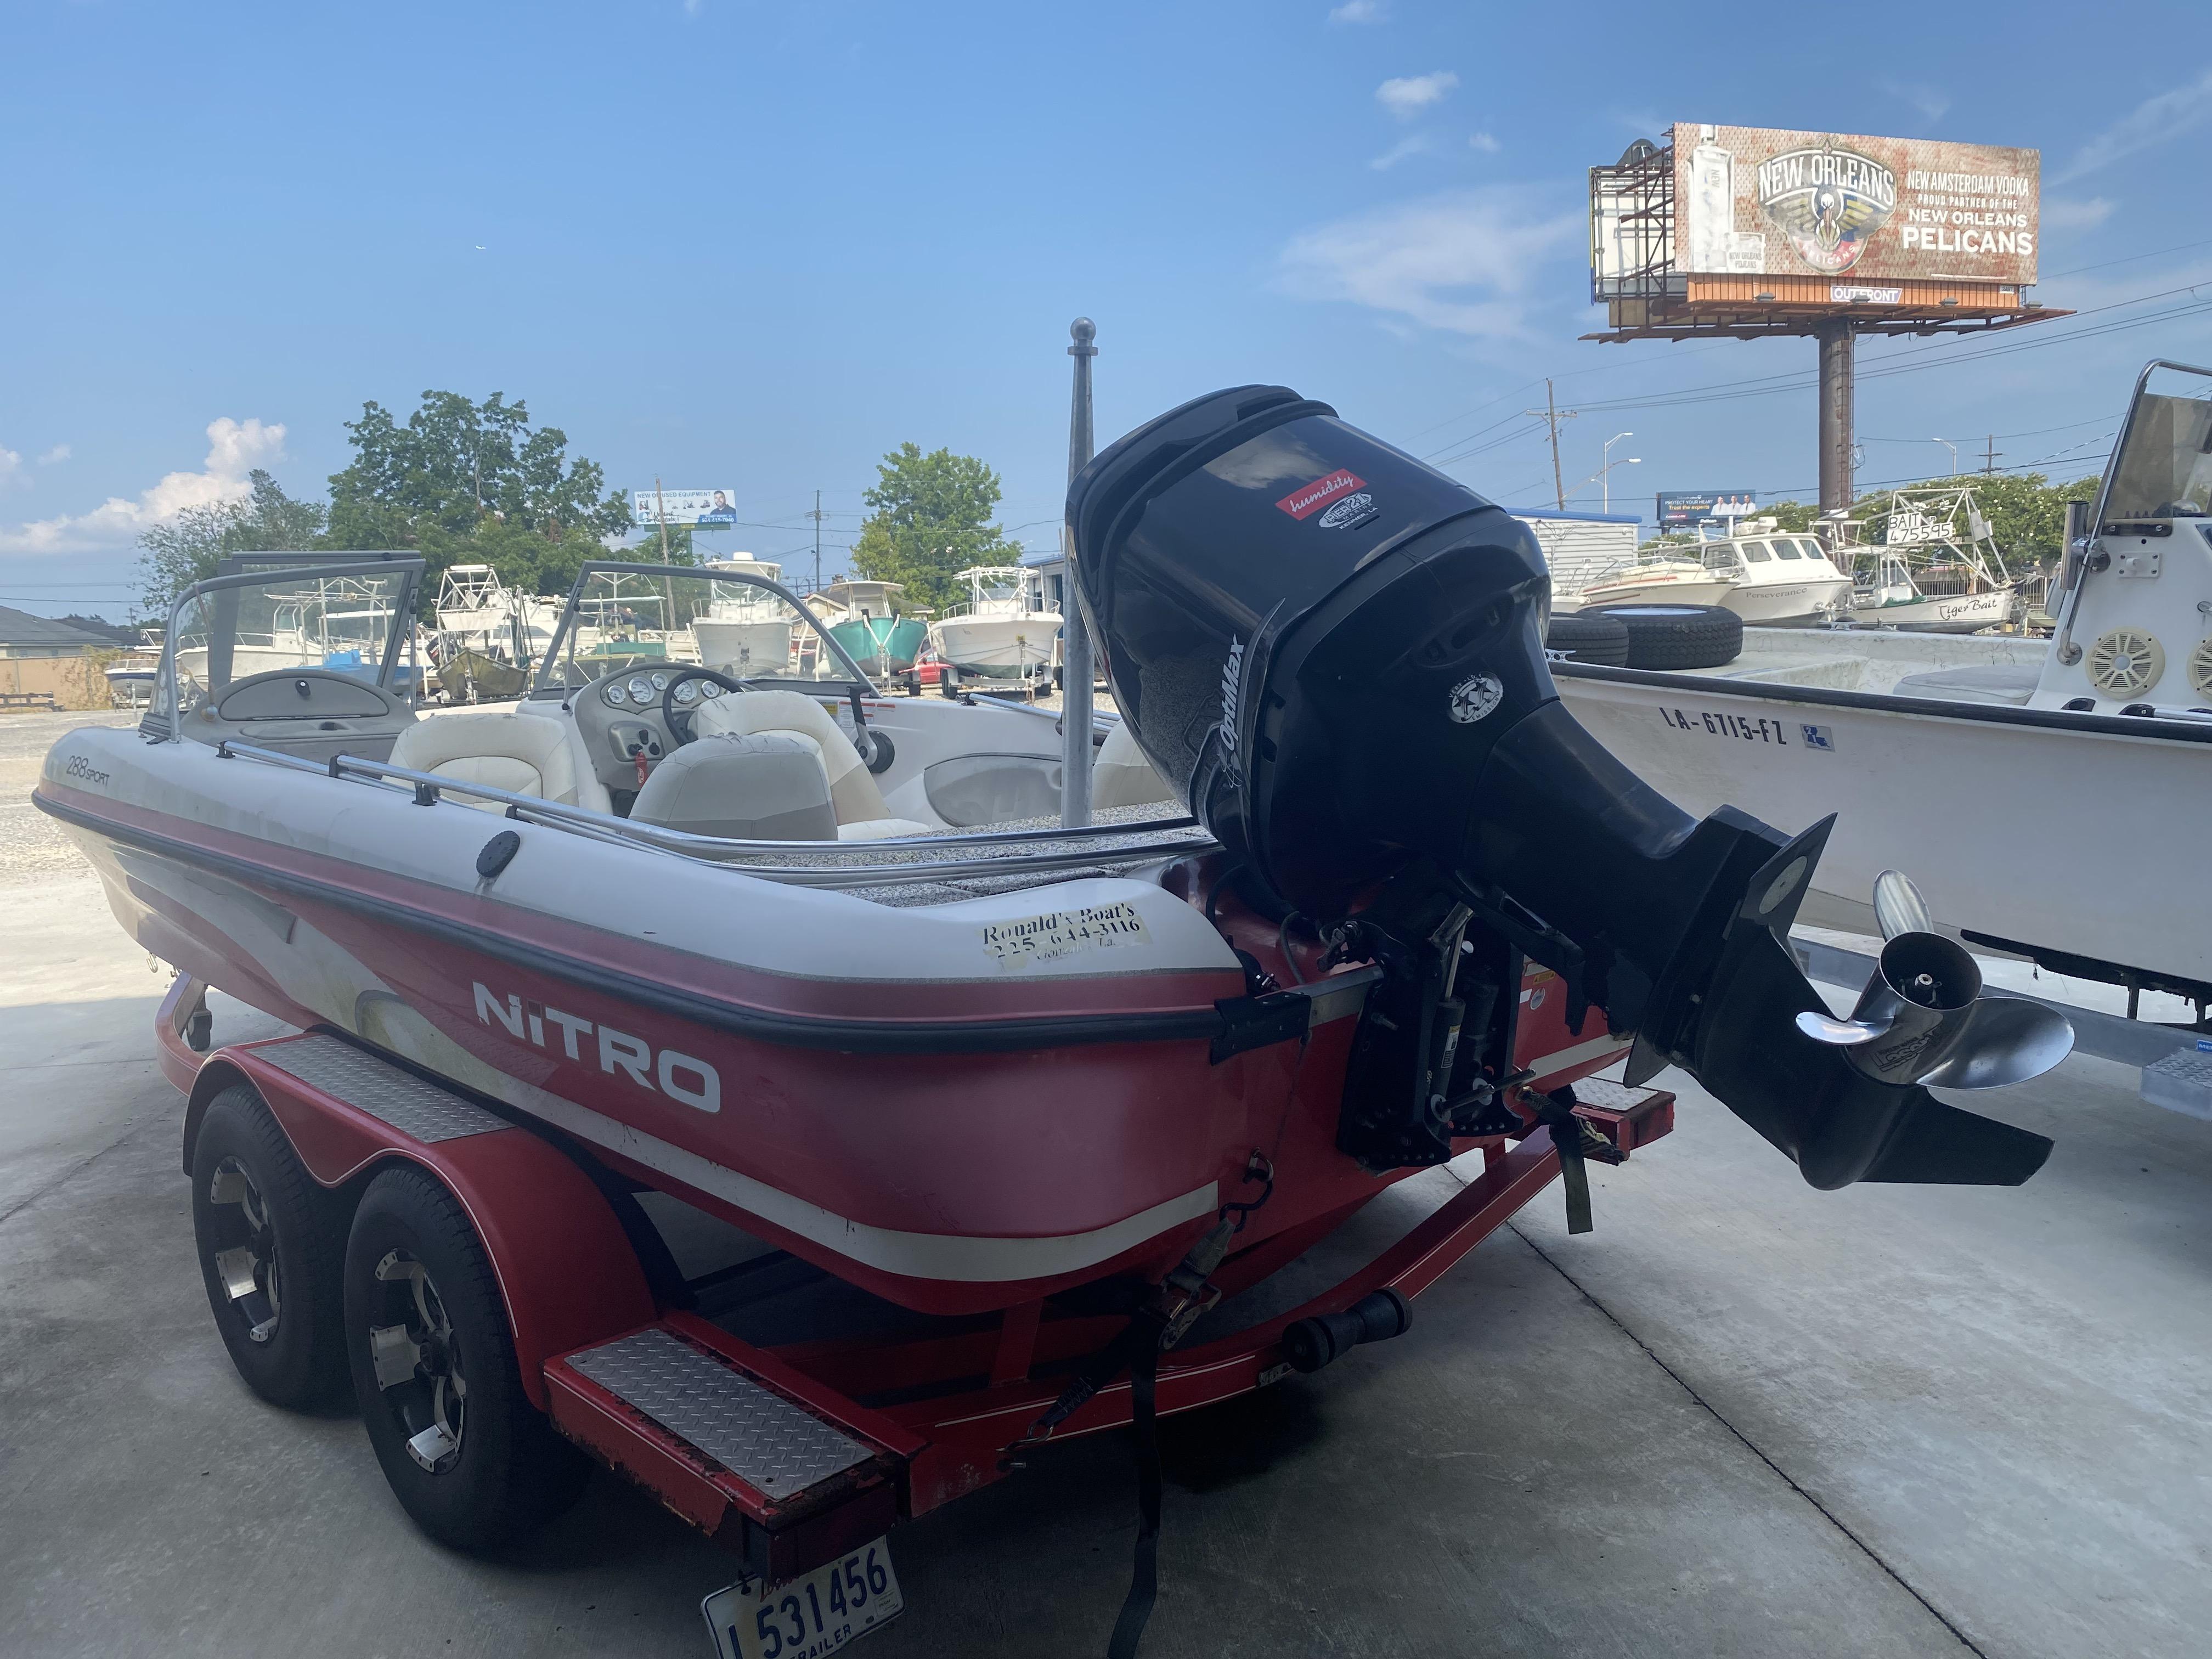 New  2007 Nitro Boats Fish and Ski in Marrero, Louisiana